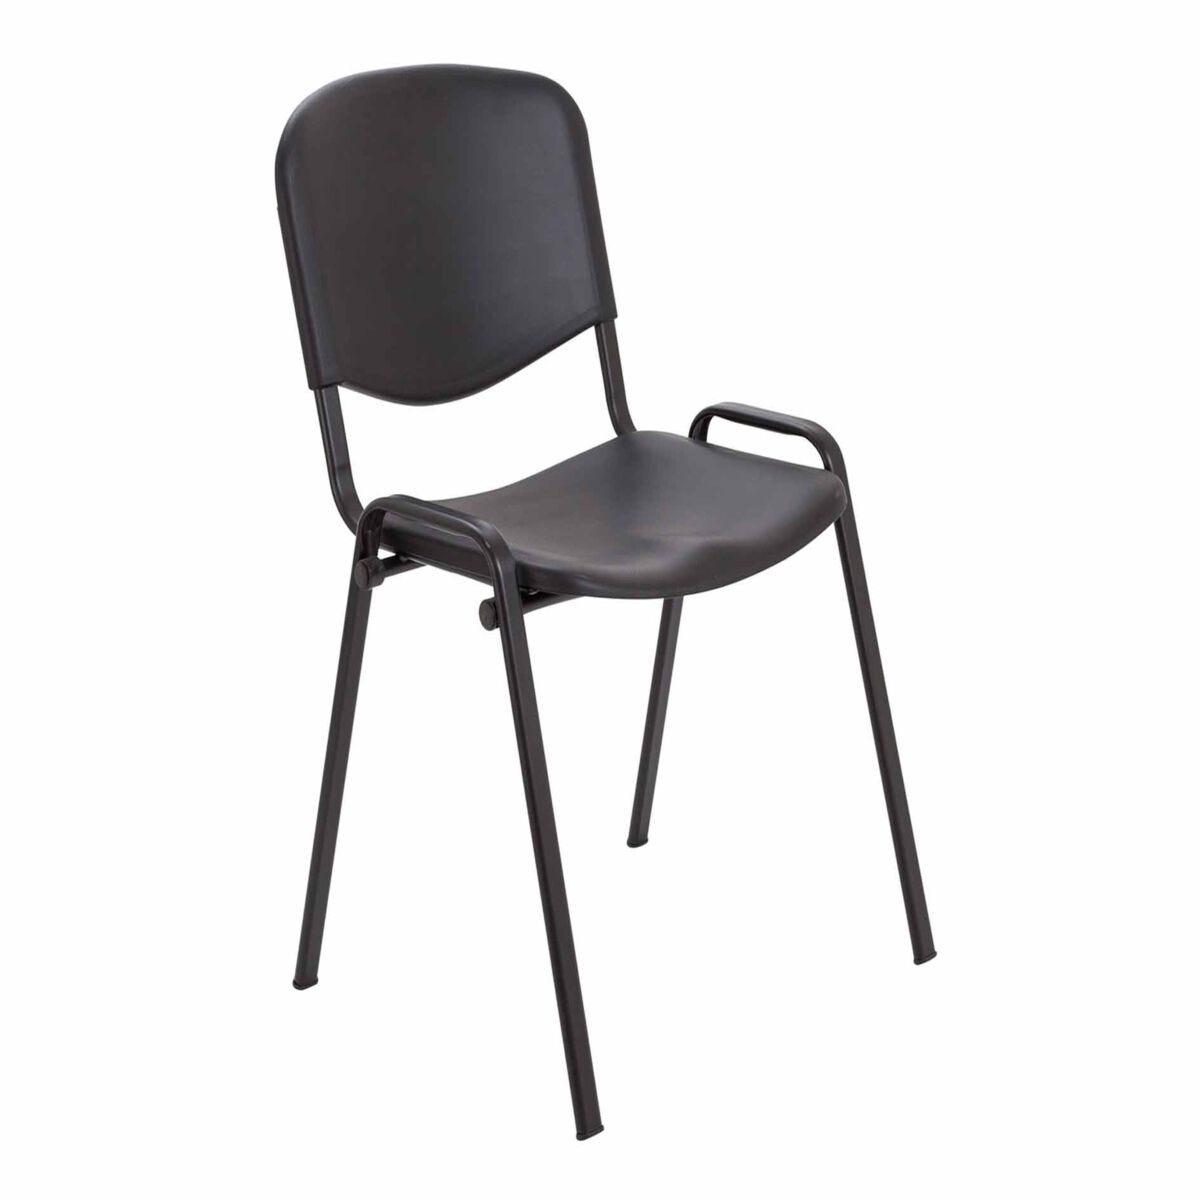 TC Office Polypropylene Canteen Chair